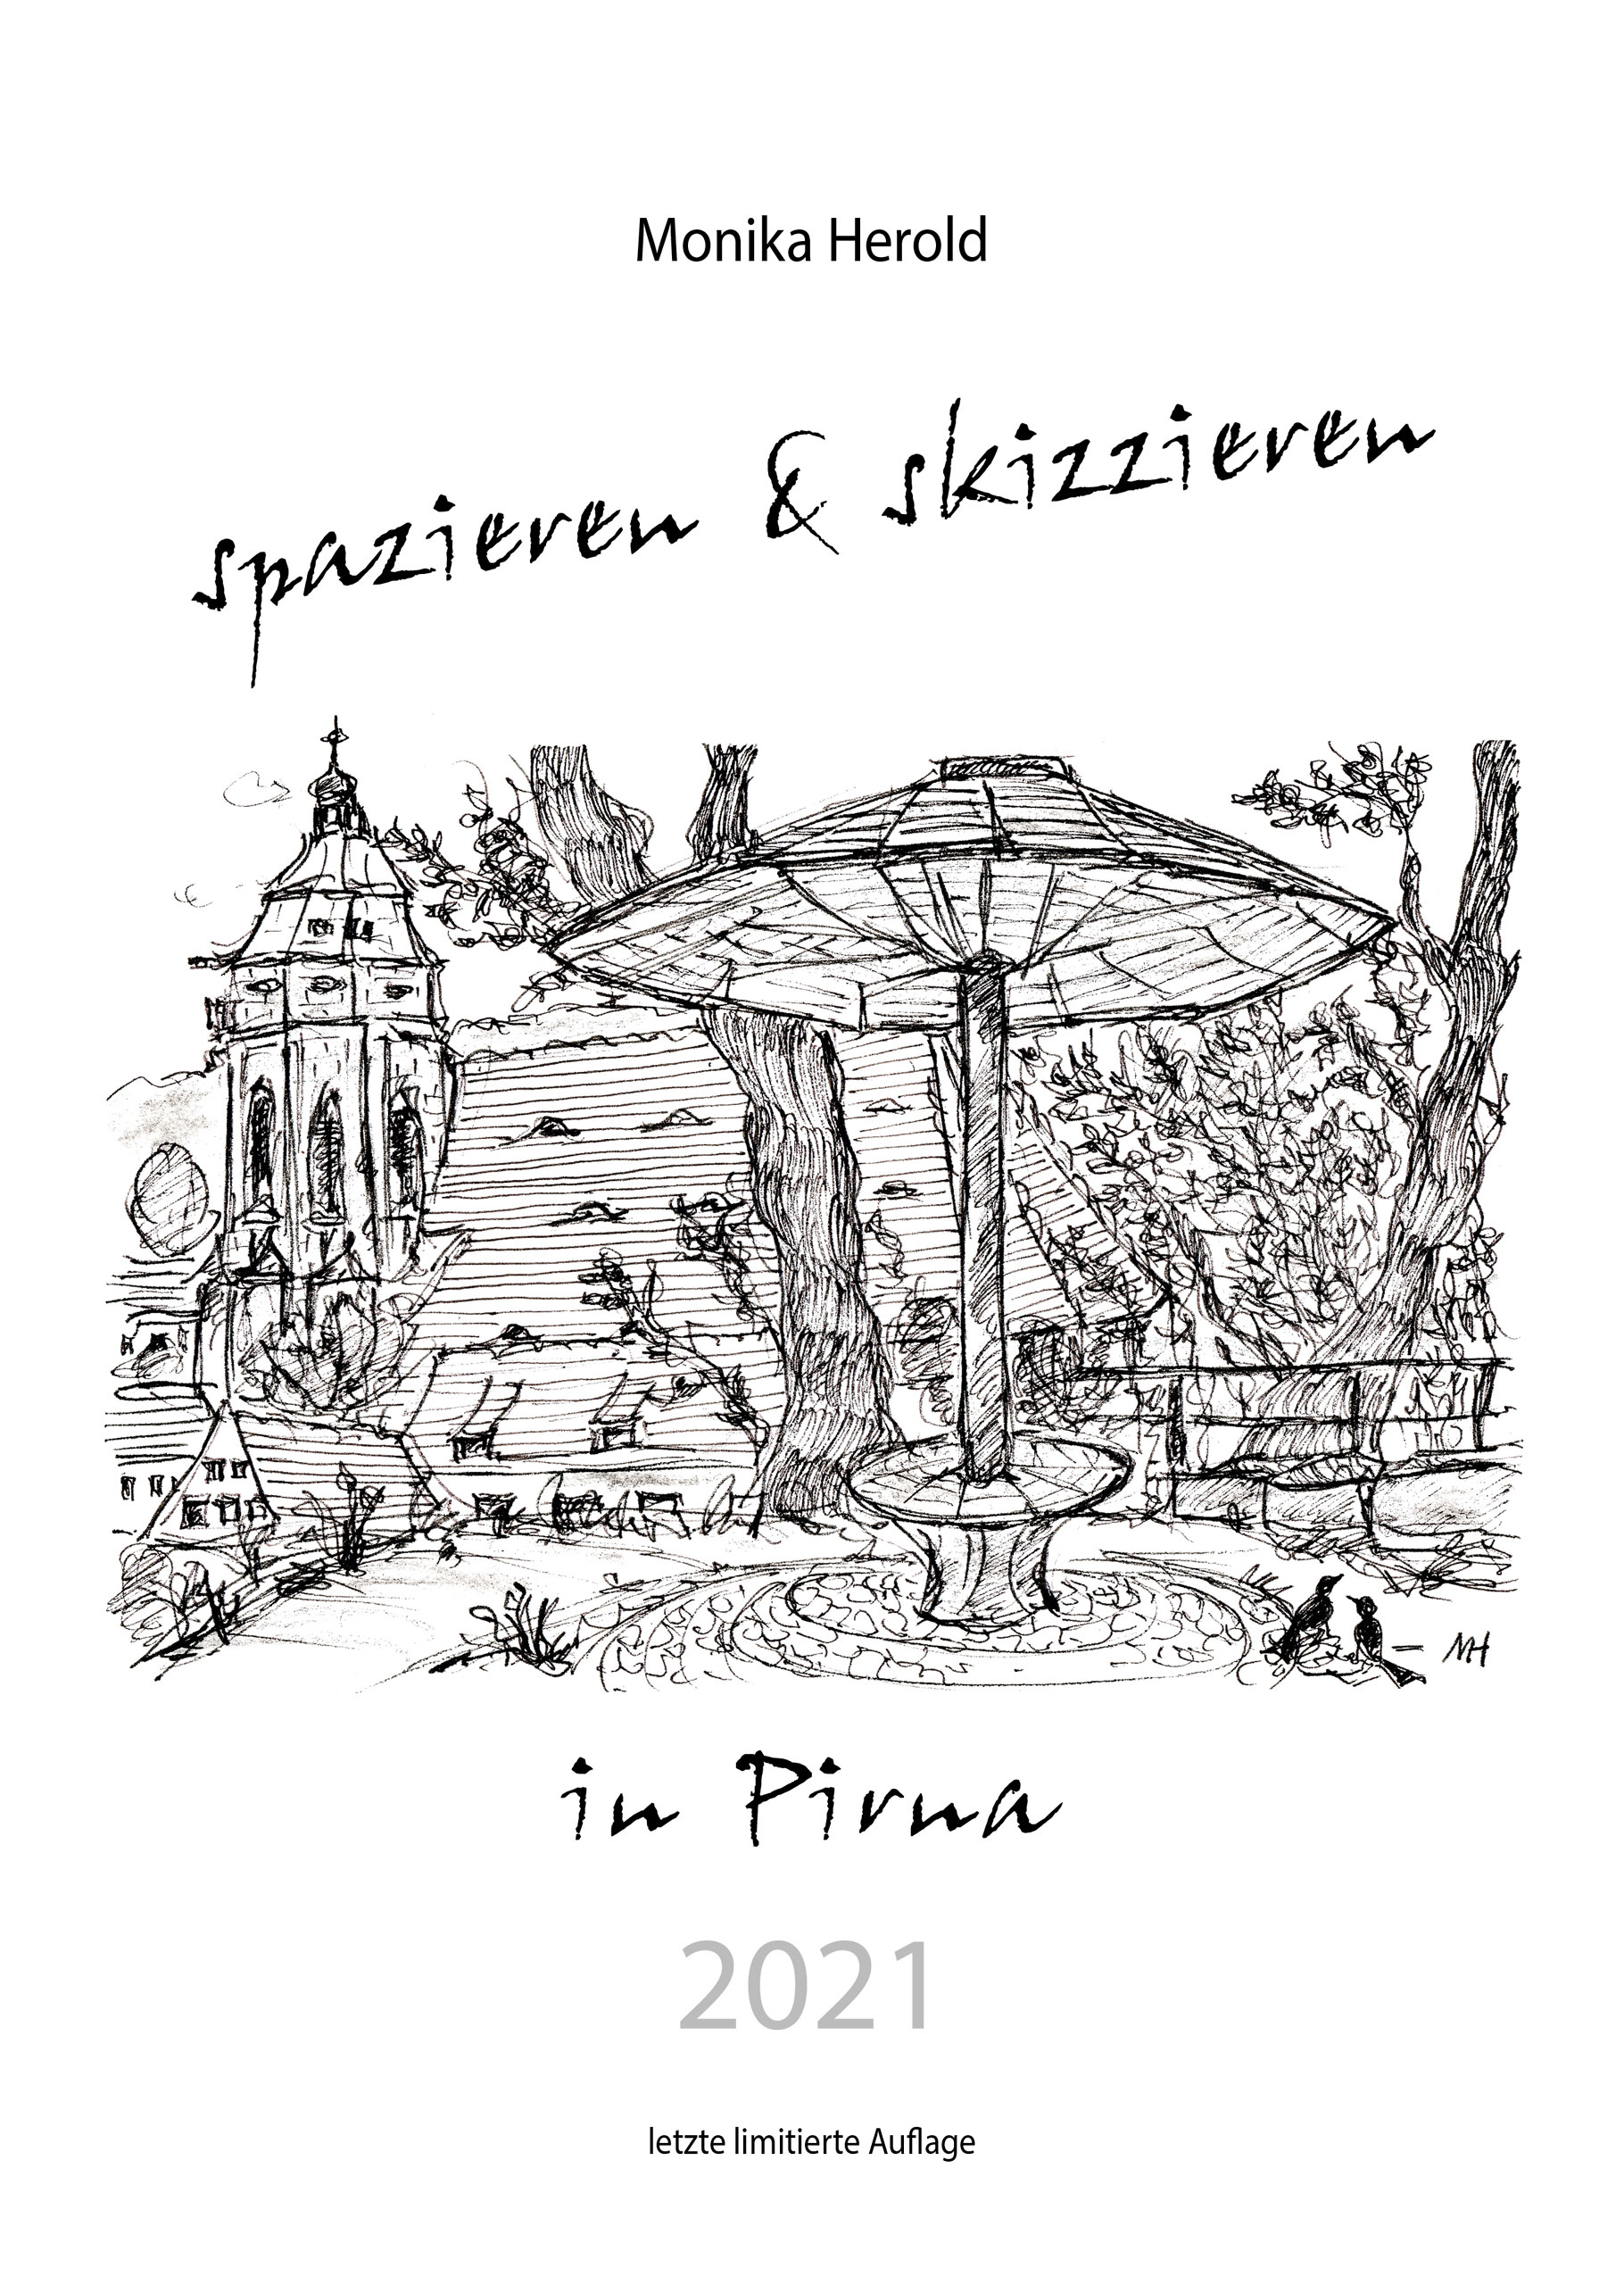 Skizzenkalender 2021, Pirna, Sandstein, St. Marien, Kunst, Tor zur Sächsischen Schweiz